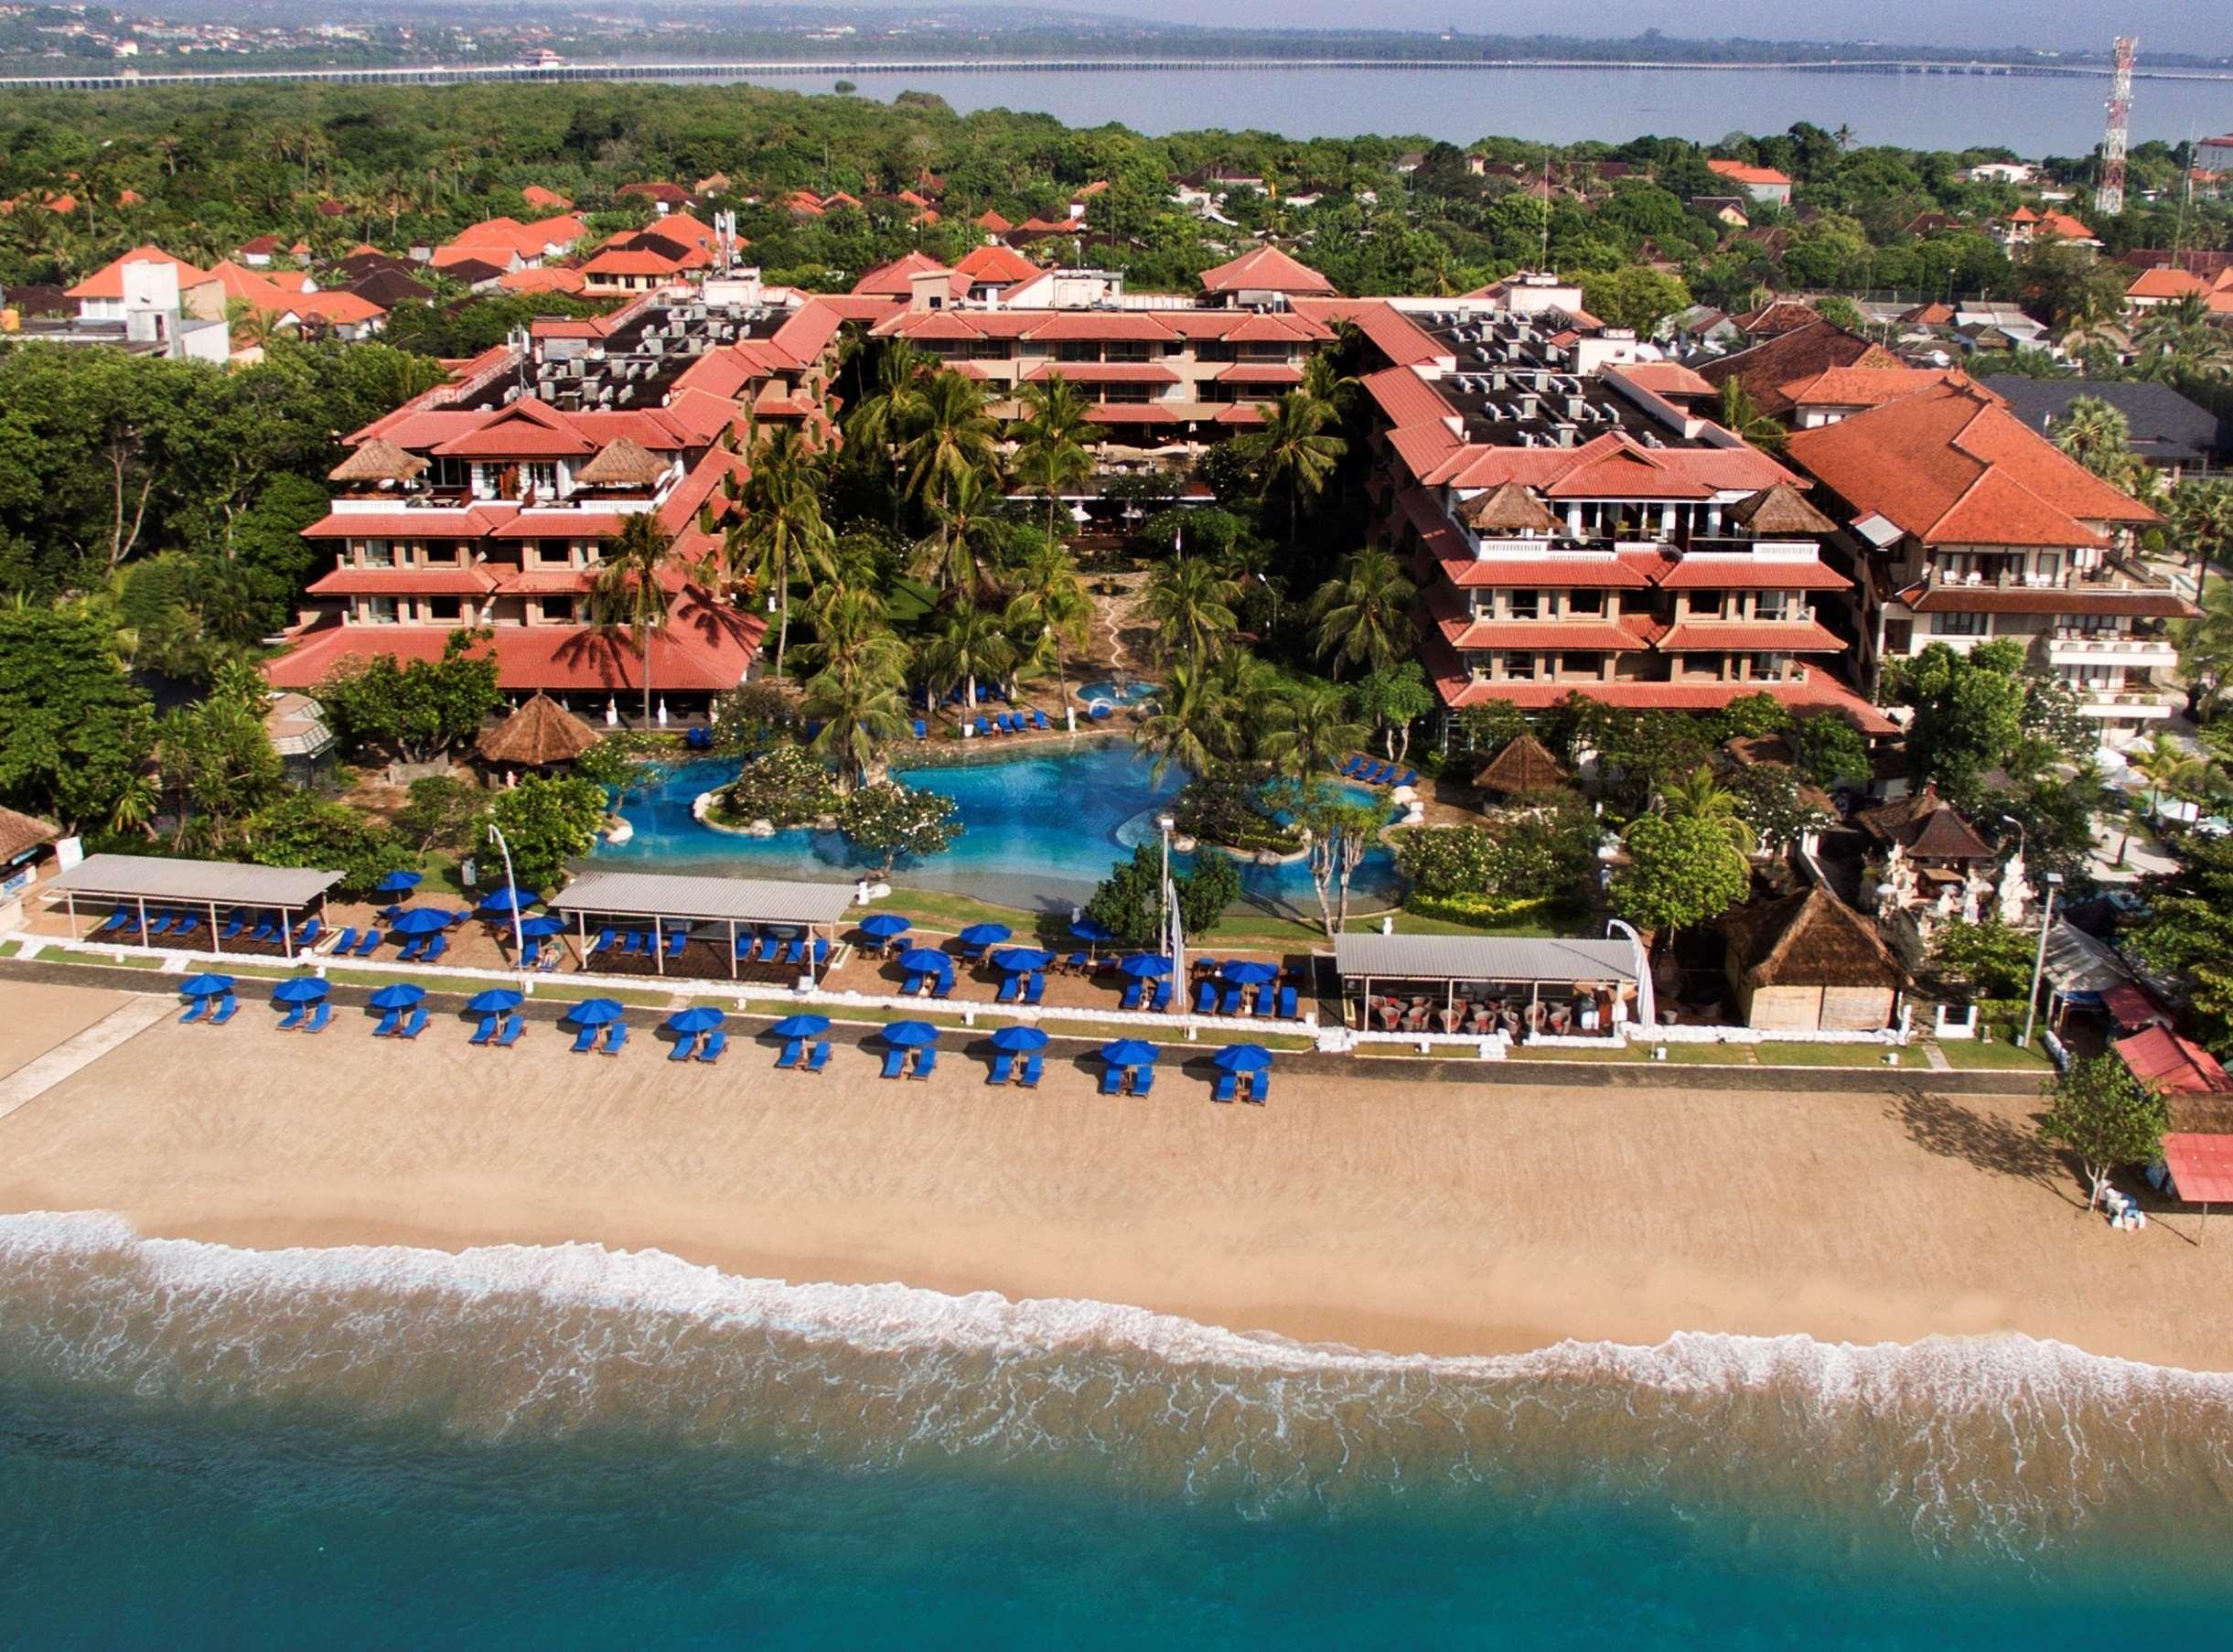 Никко назван в честь отеля Гранд Никко, который расположился прямо у берега. Он хорошо подходит для туристов с детьми, так как здесь близко от берега нет опасных течений, и сам пляж полностью покрыт мелким белым коралловым песком.